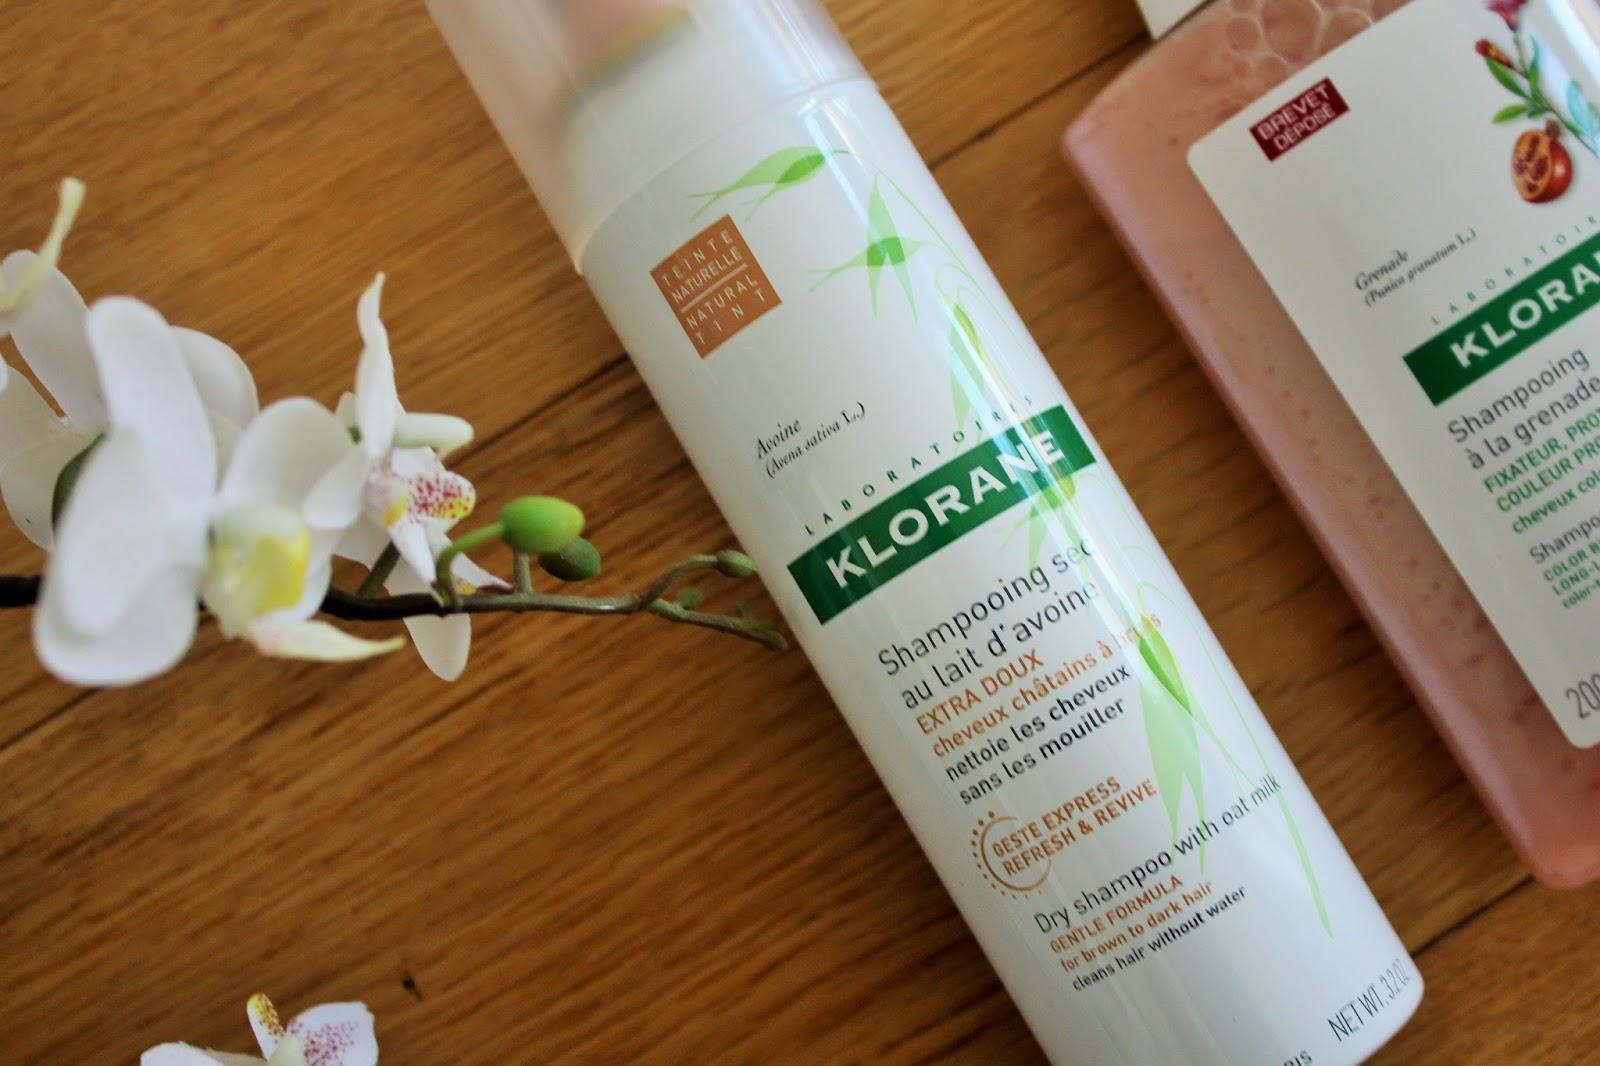 Klorane Shampoos 3 - Dry Shampoo with oat milk